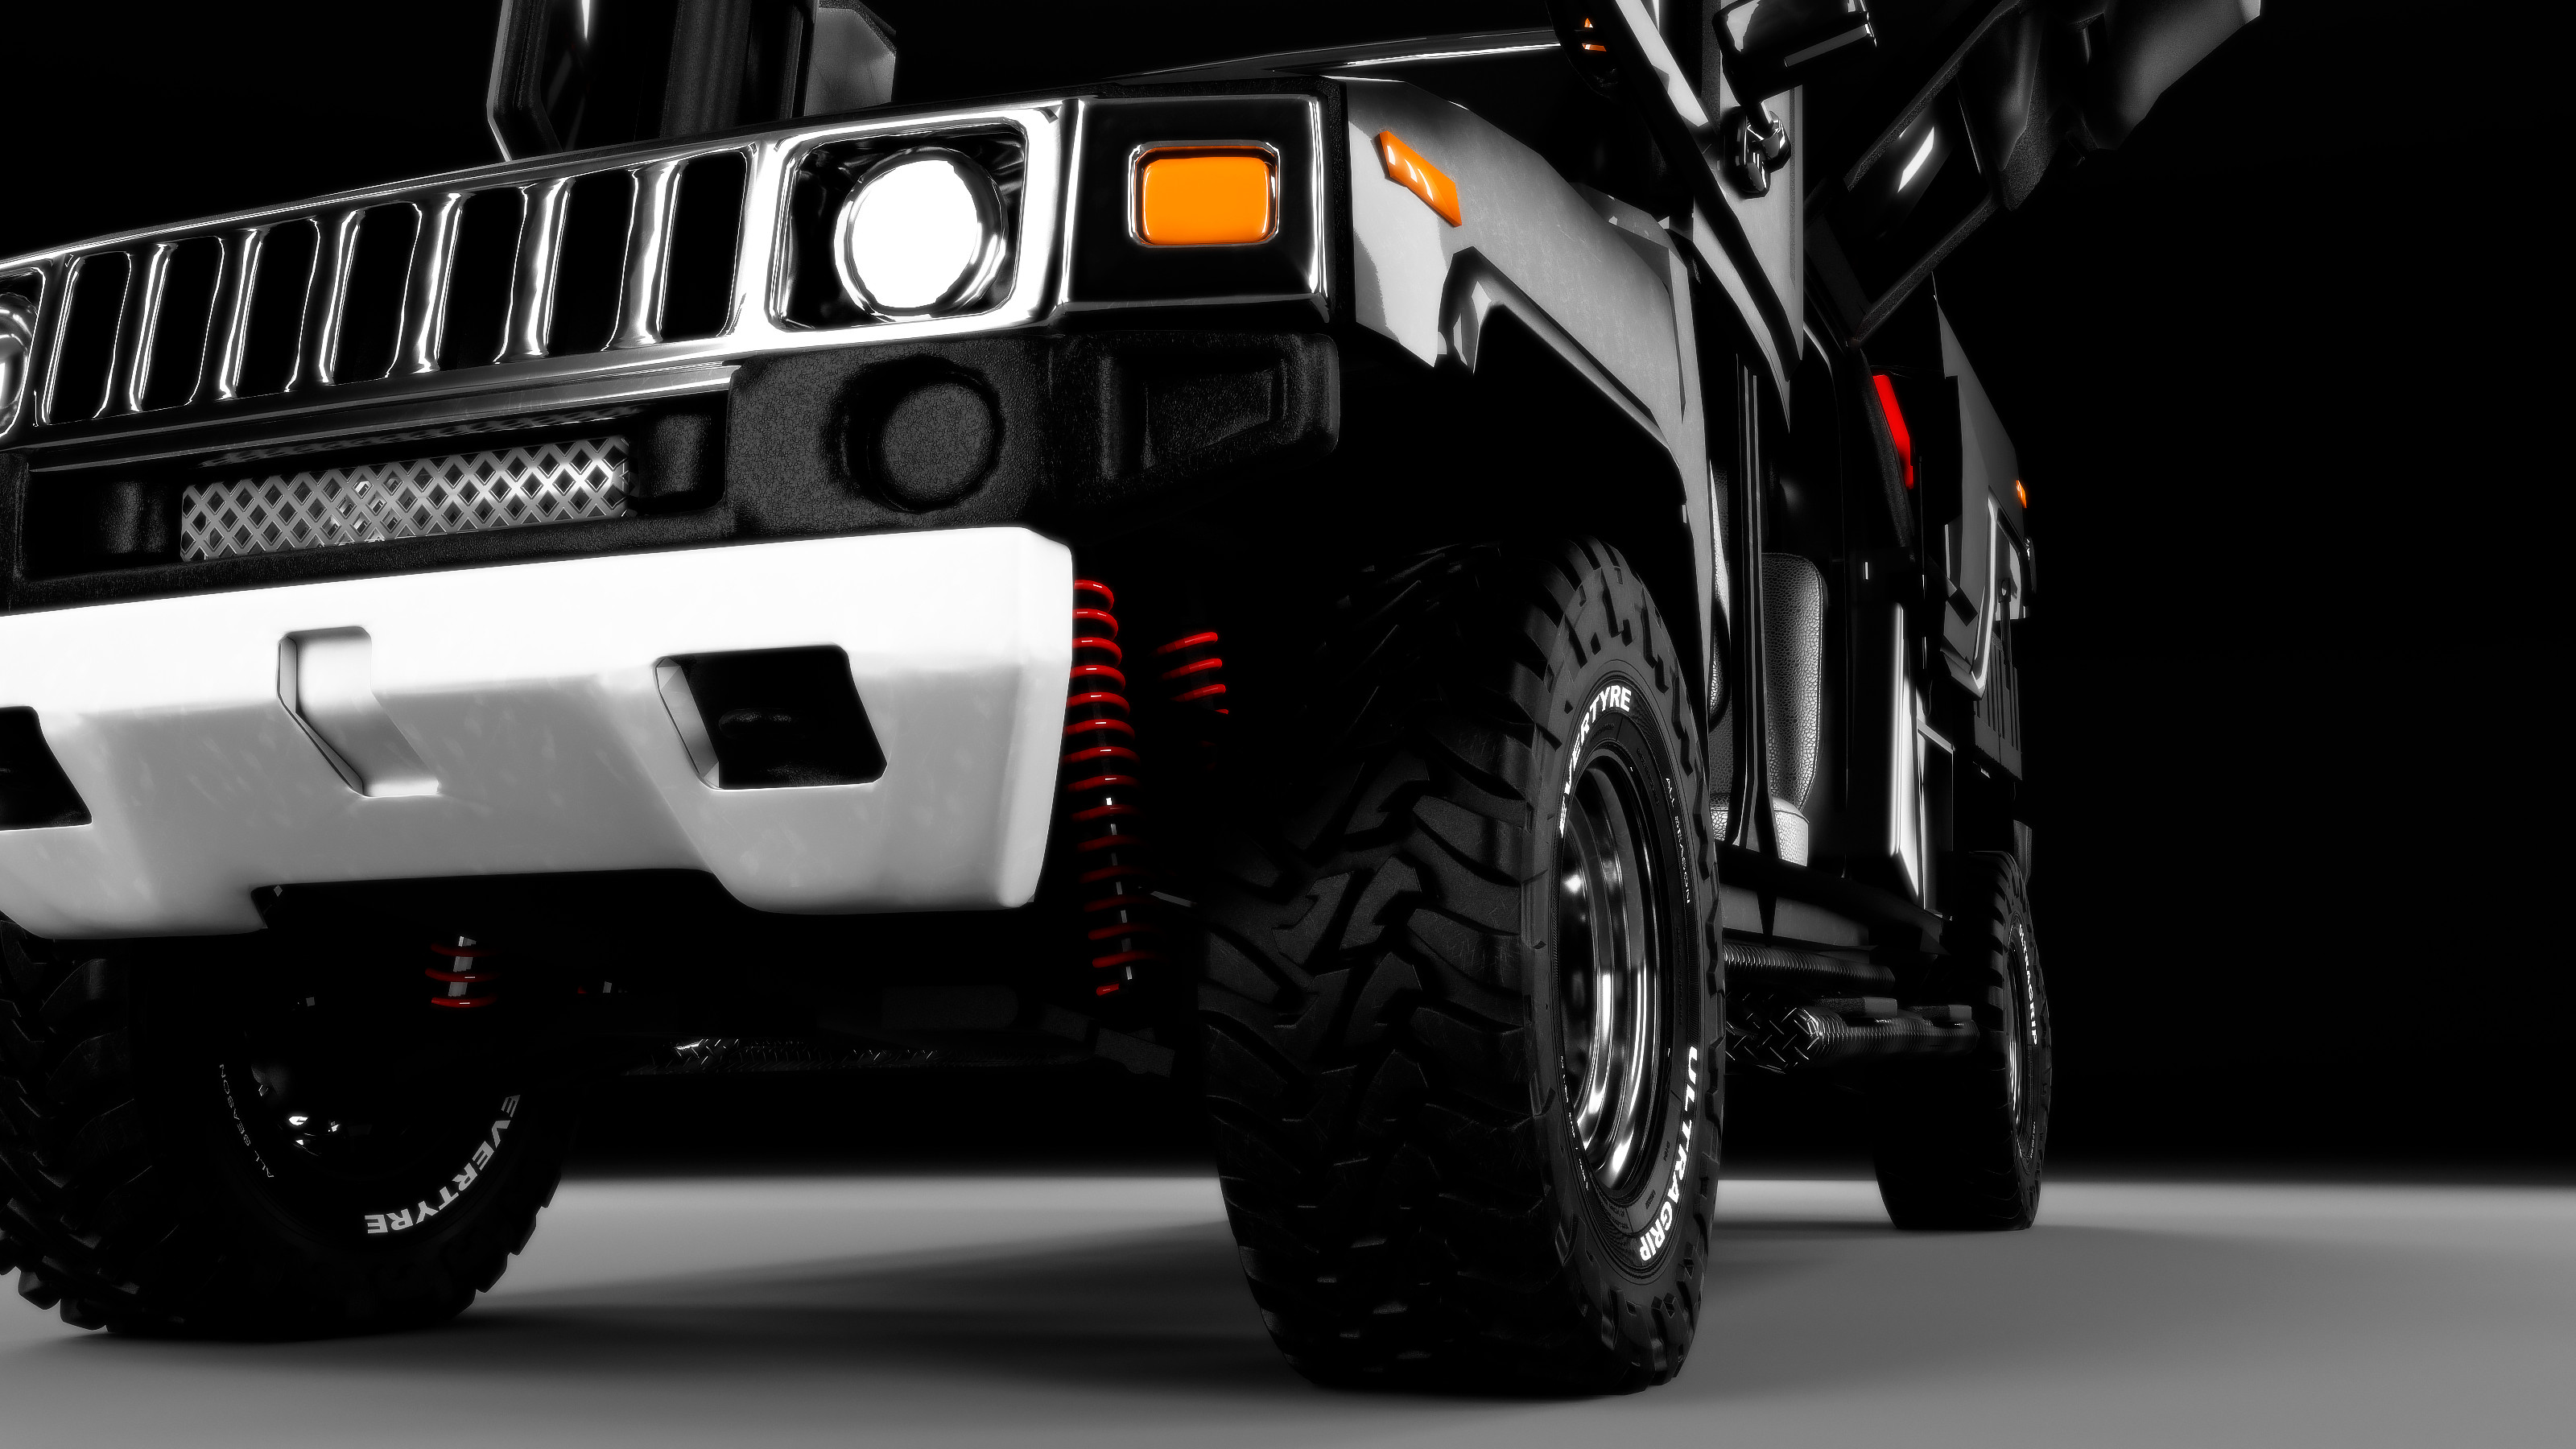 Hummer H3T front